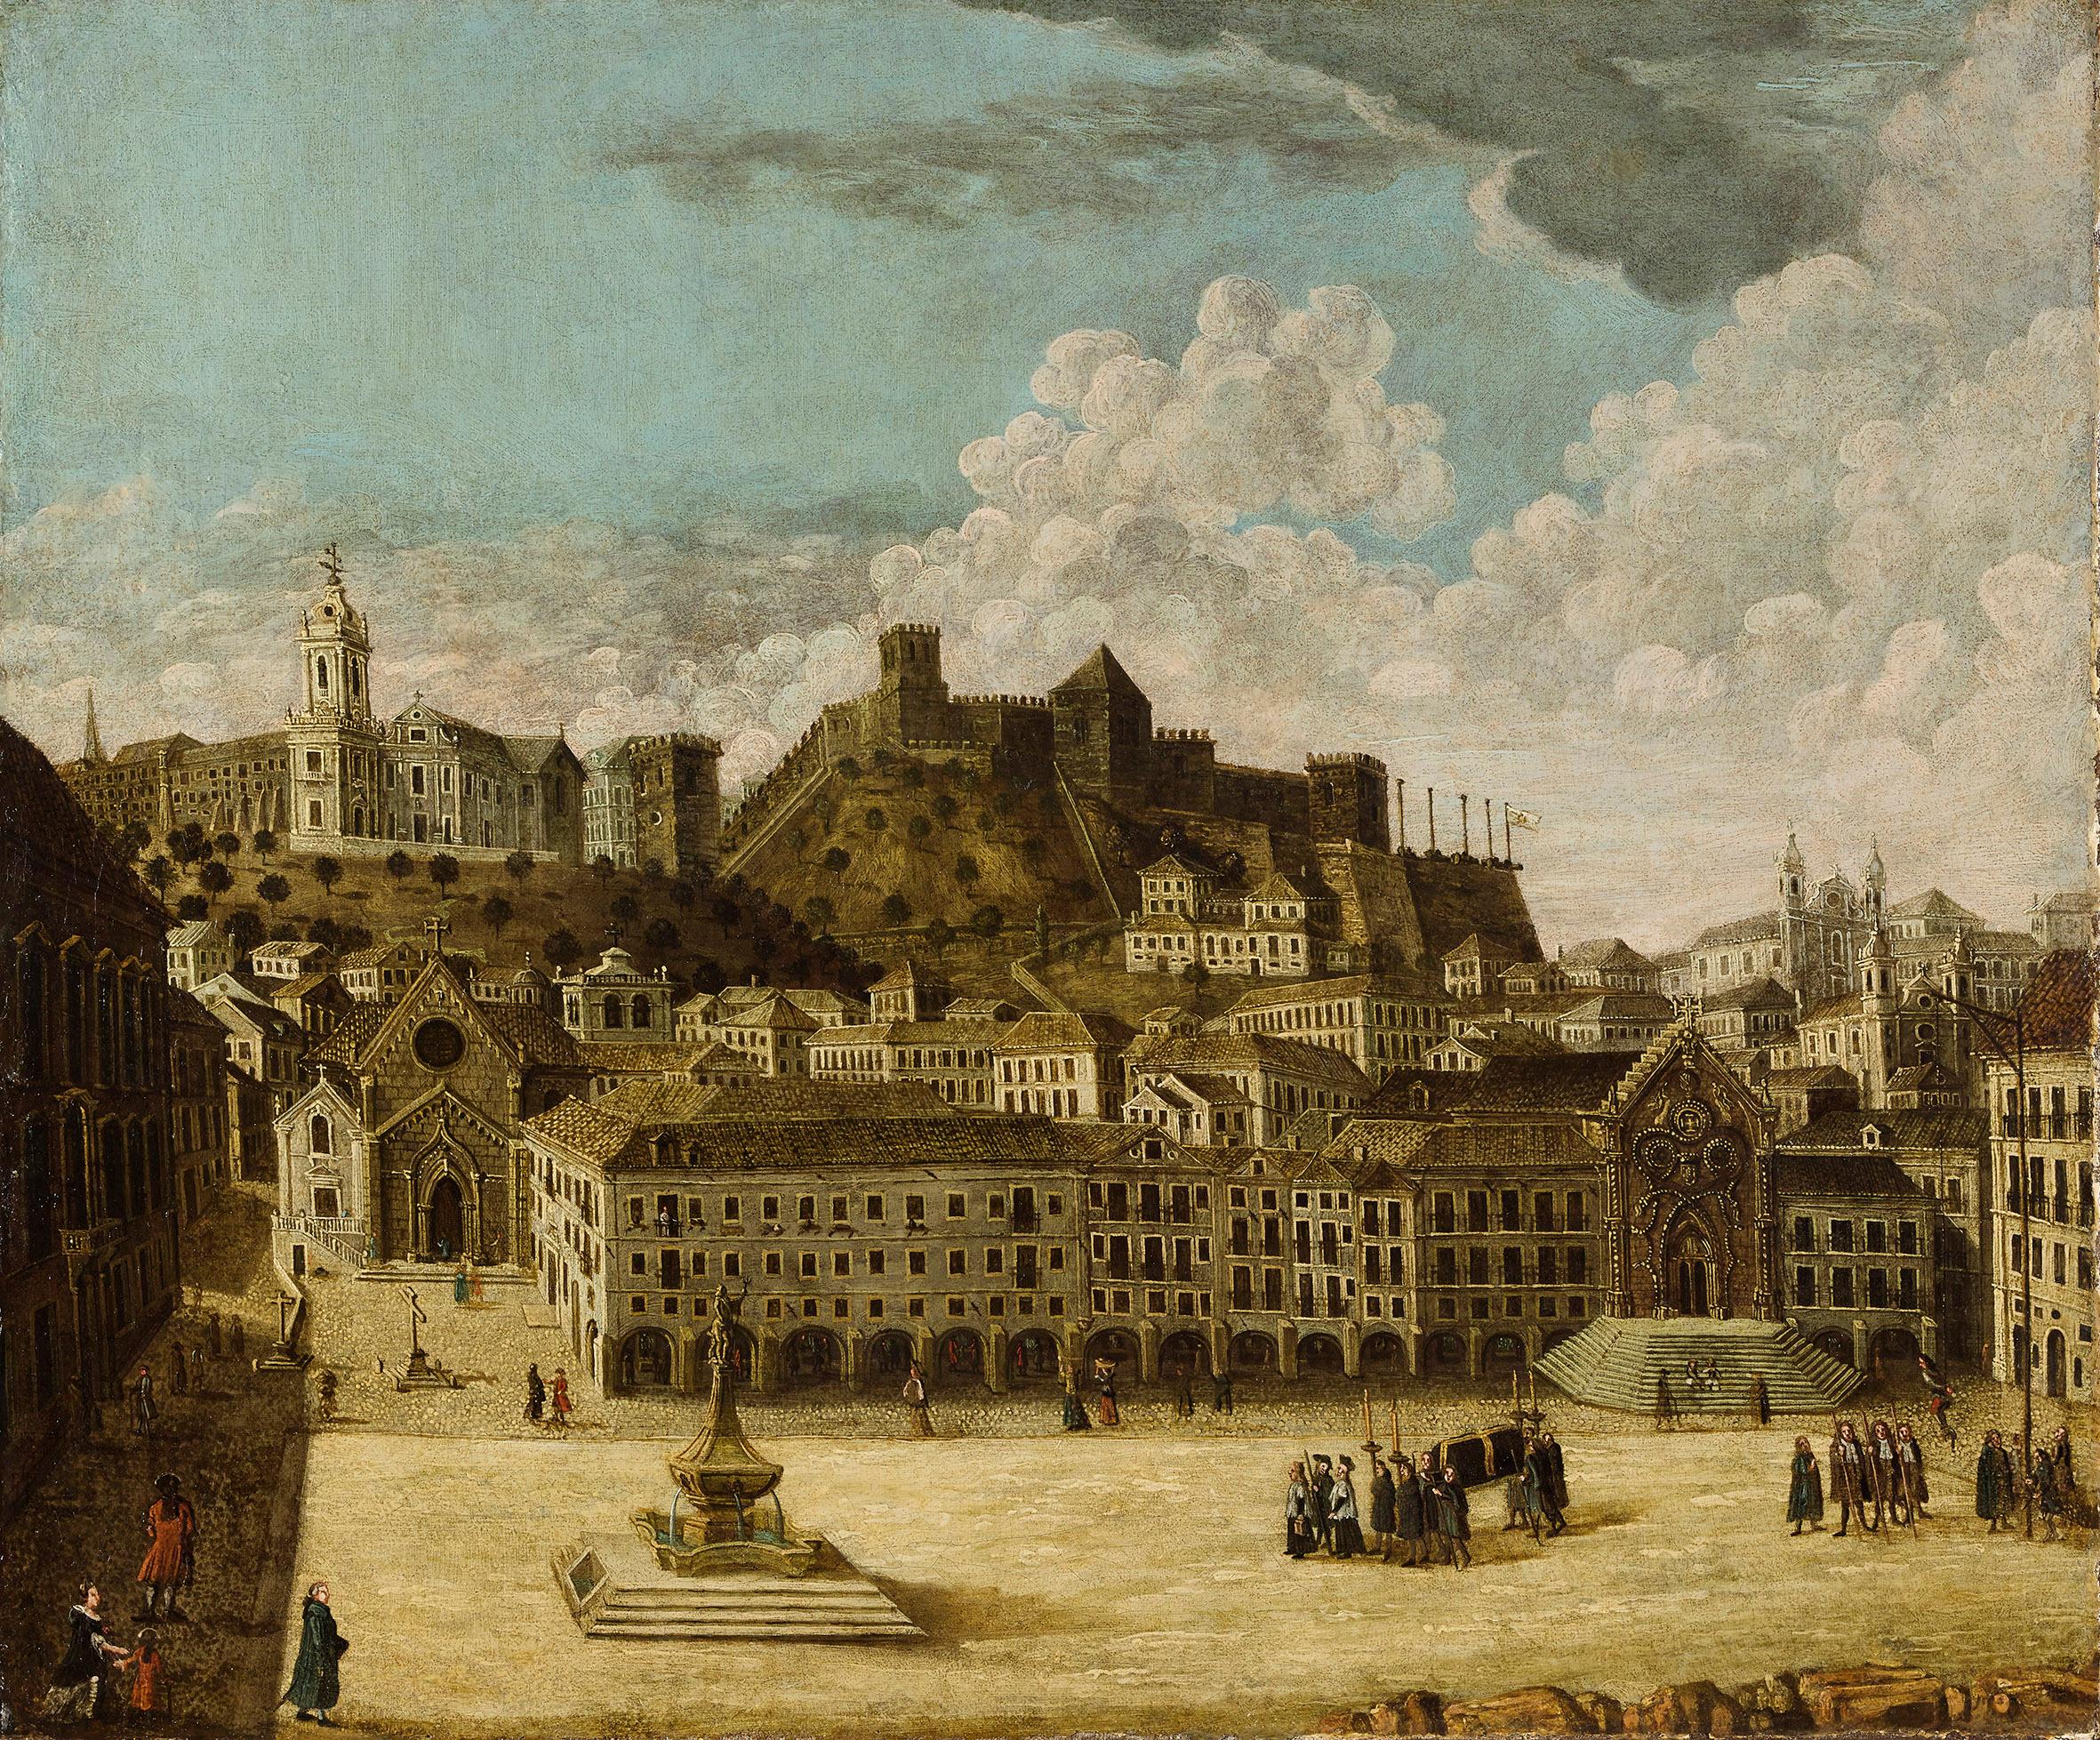 File:Rossio e Castelo de S. Jorge antes do Terramoto de 1755.png